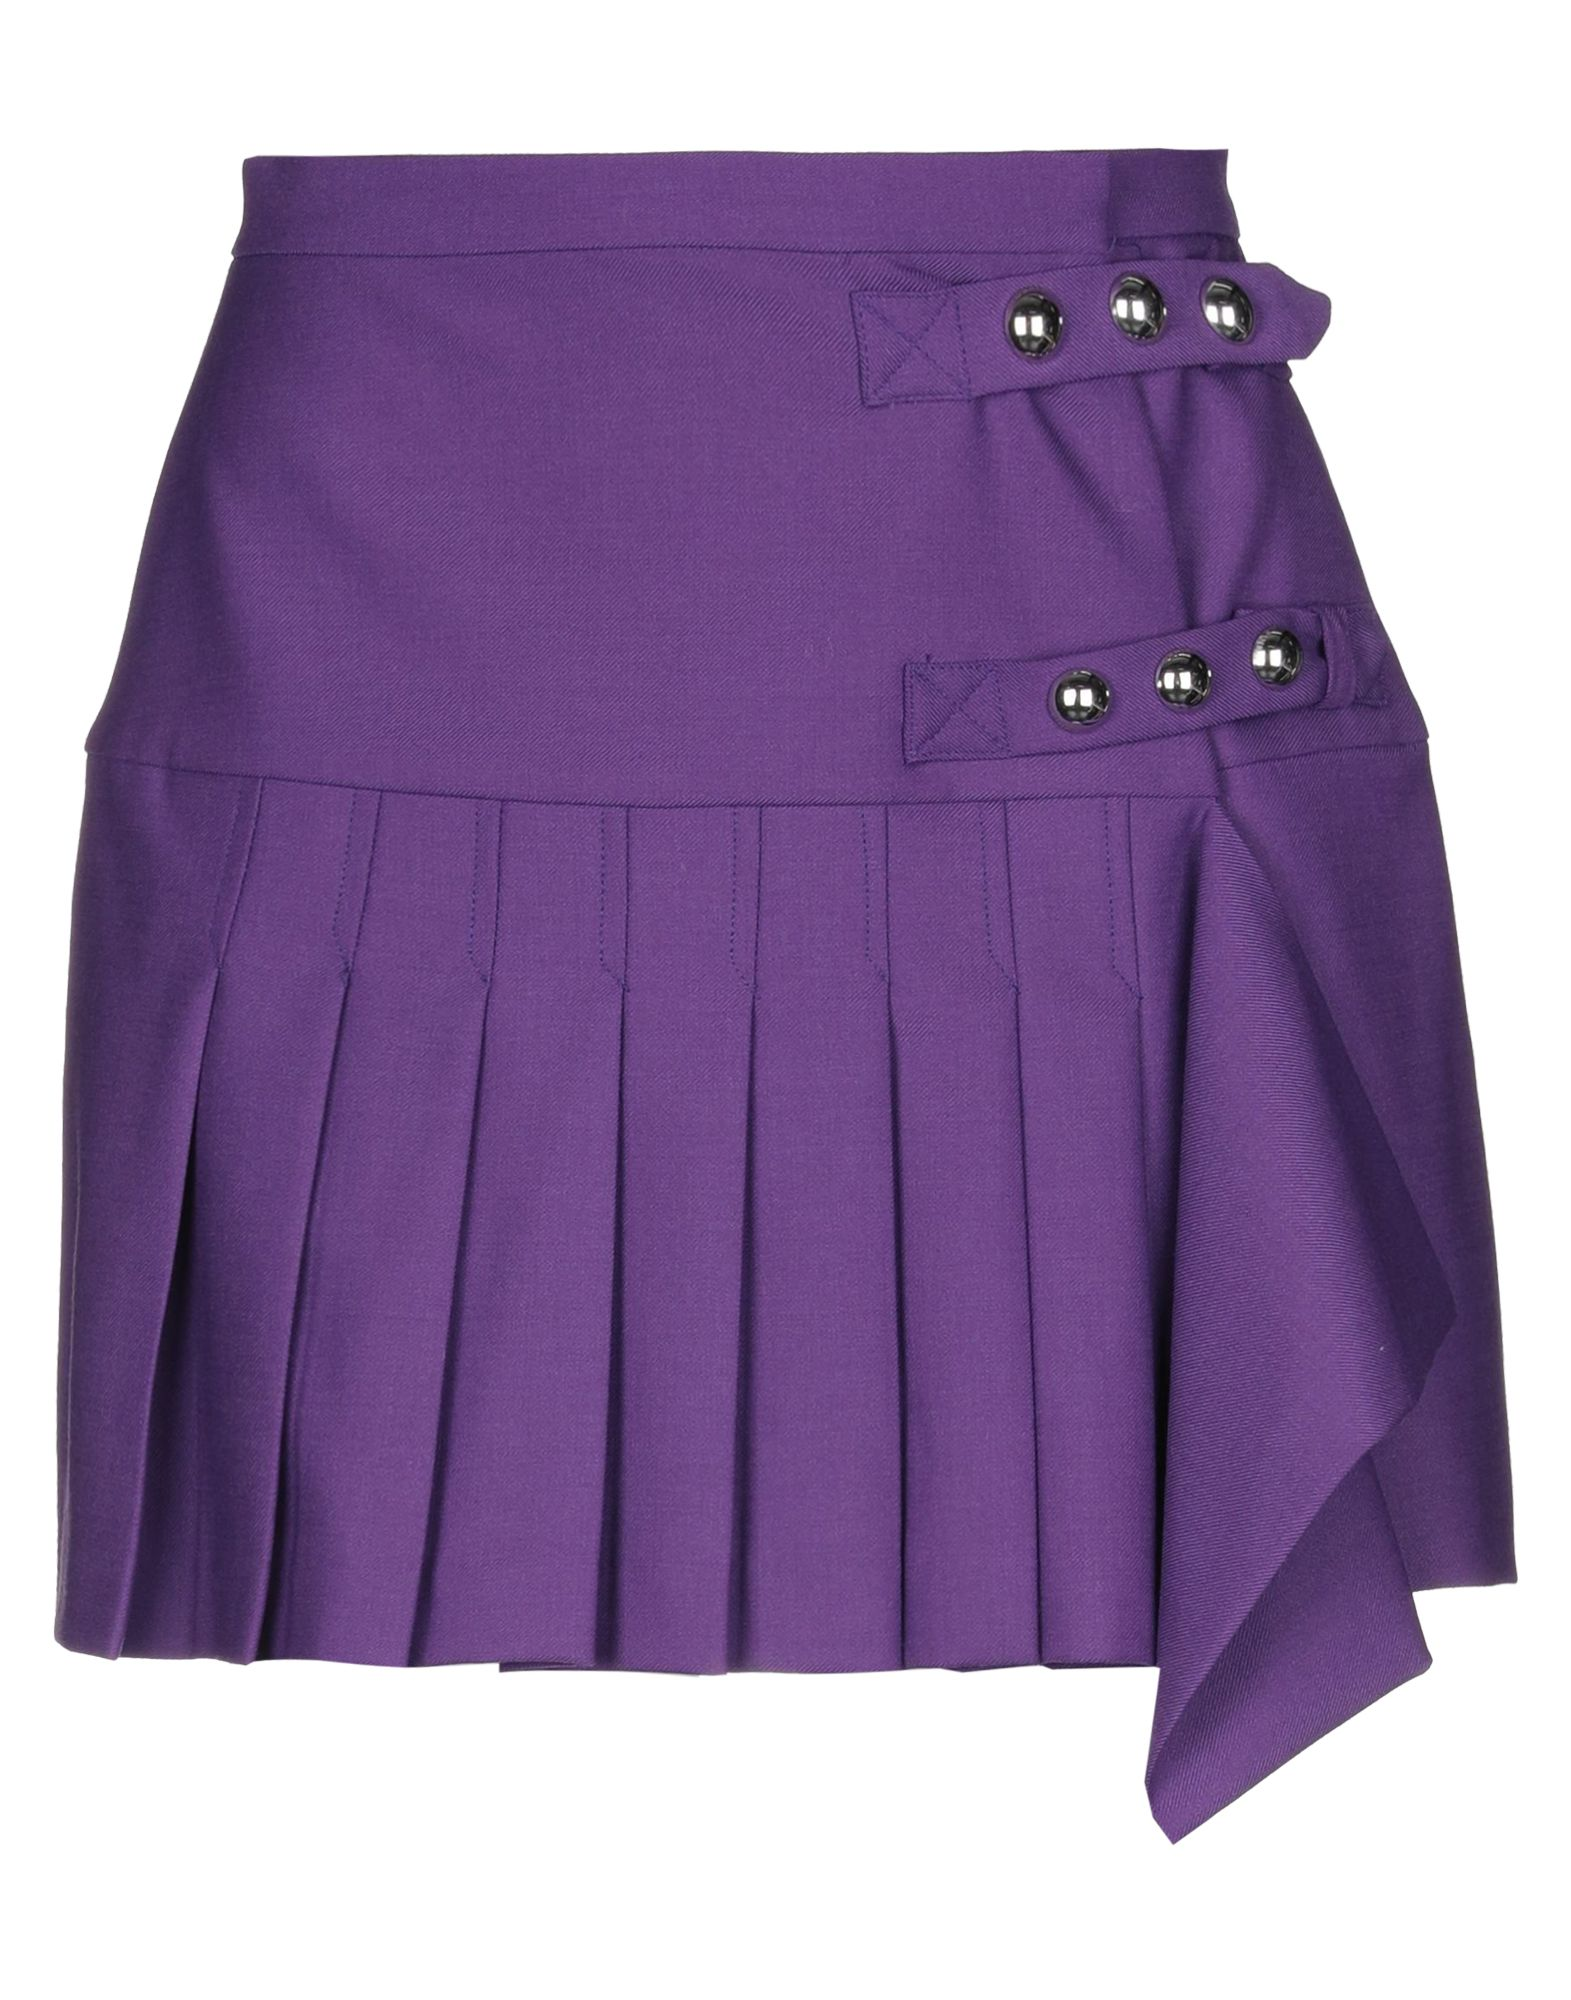 Фото - PINKO Мини-юбка 12storeez юбка миди со складками спереди